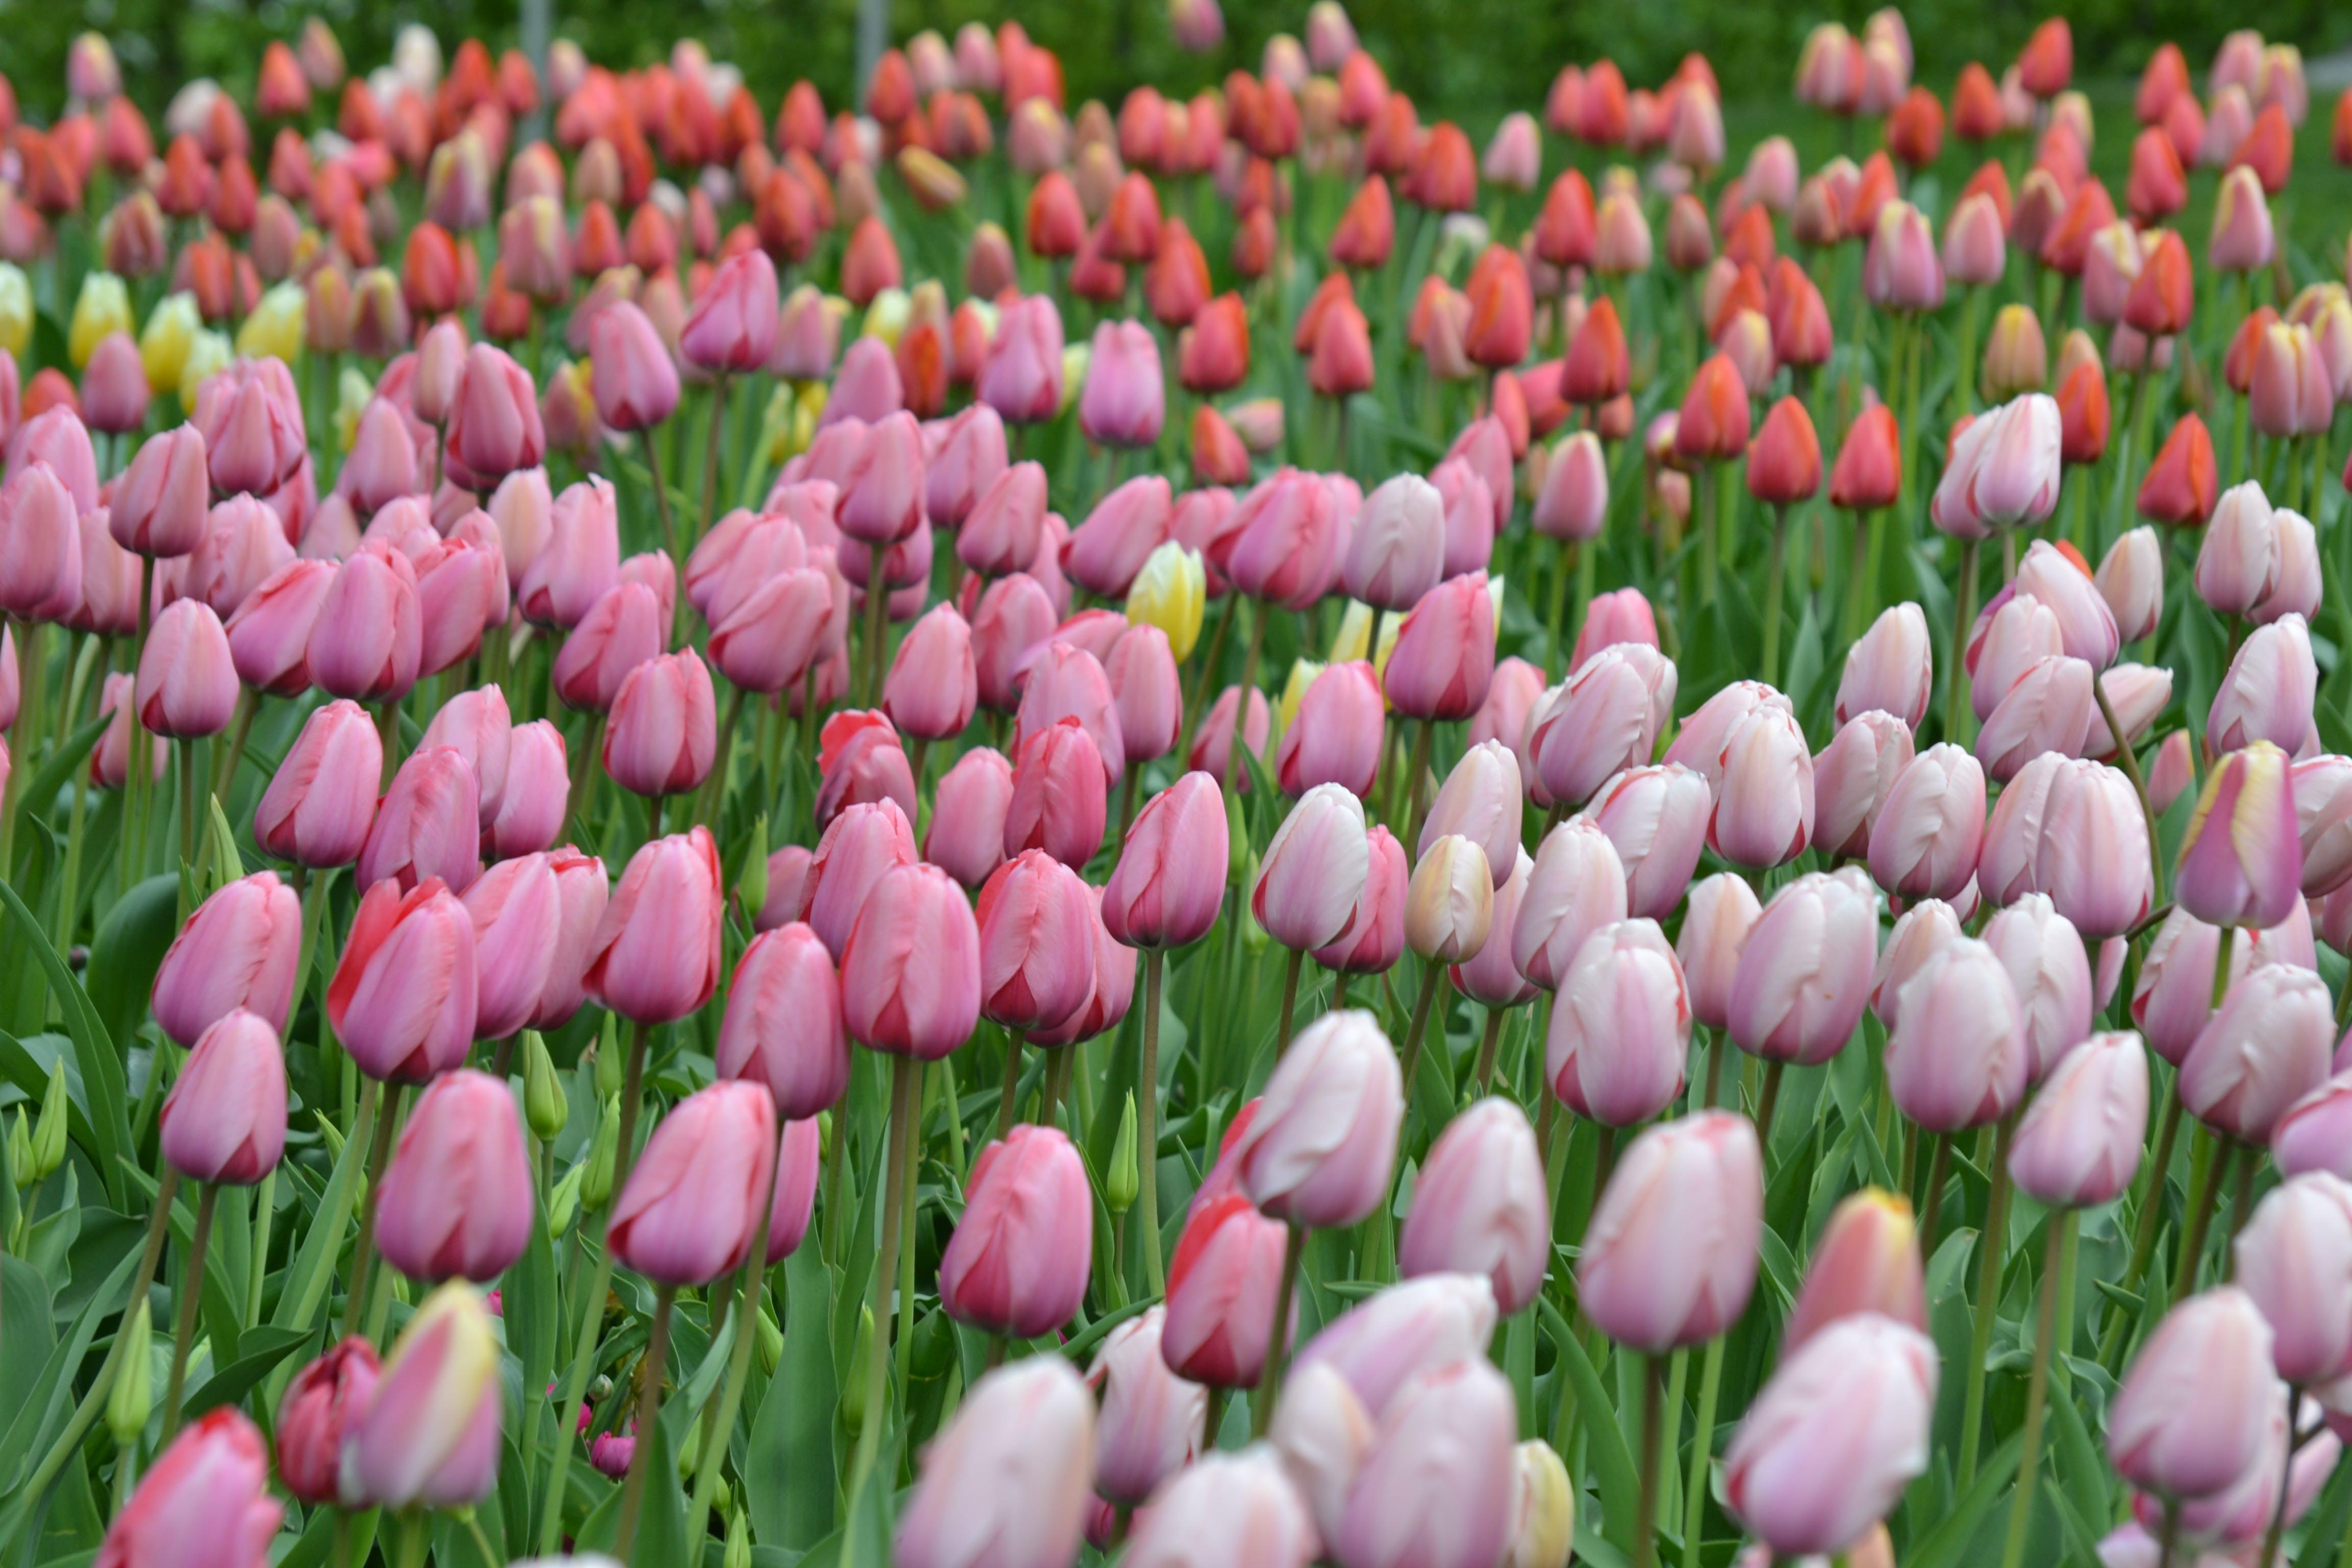 Fotos de stock gratuitas de bonito, brillante, campo, color